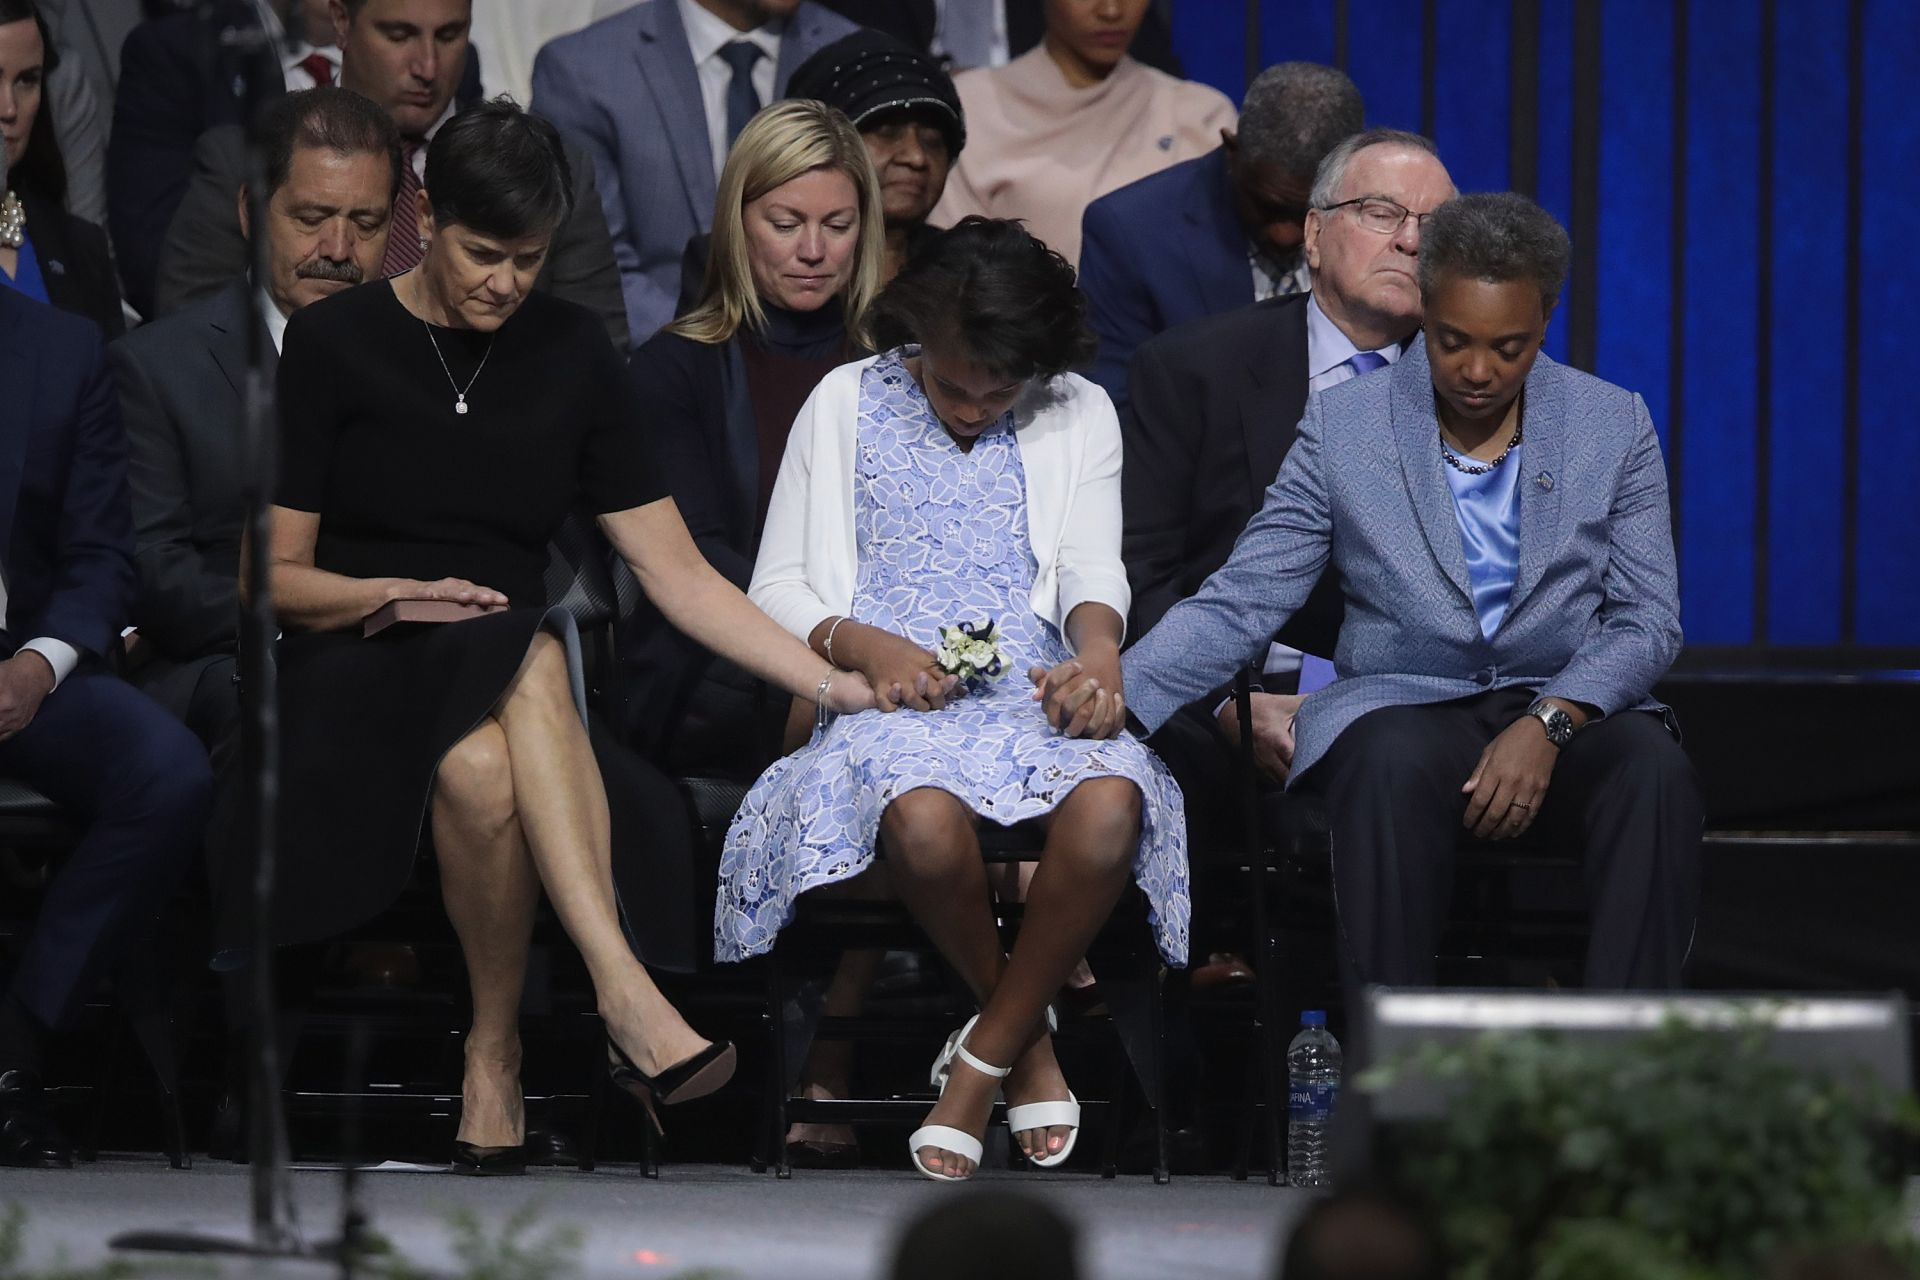 Лори Лайтфут, съпругата ѝ Ейми Ешлеман и дъщеря им Вивиан слушат молитва по време на церемонията по встъпване в длъжност